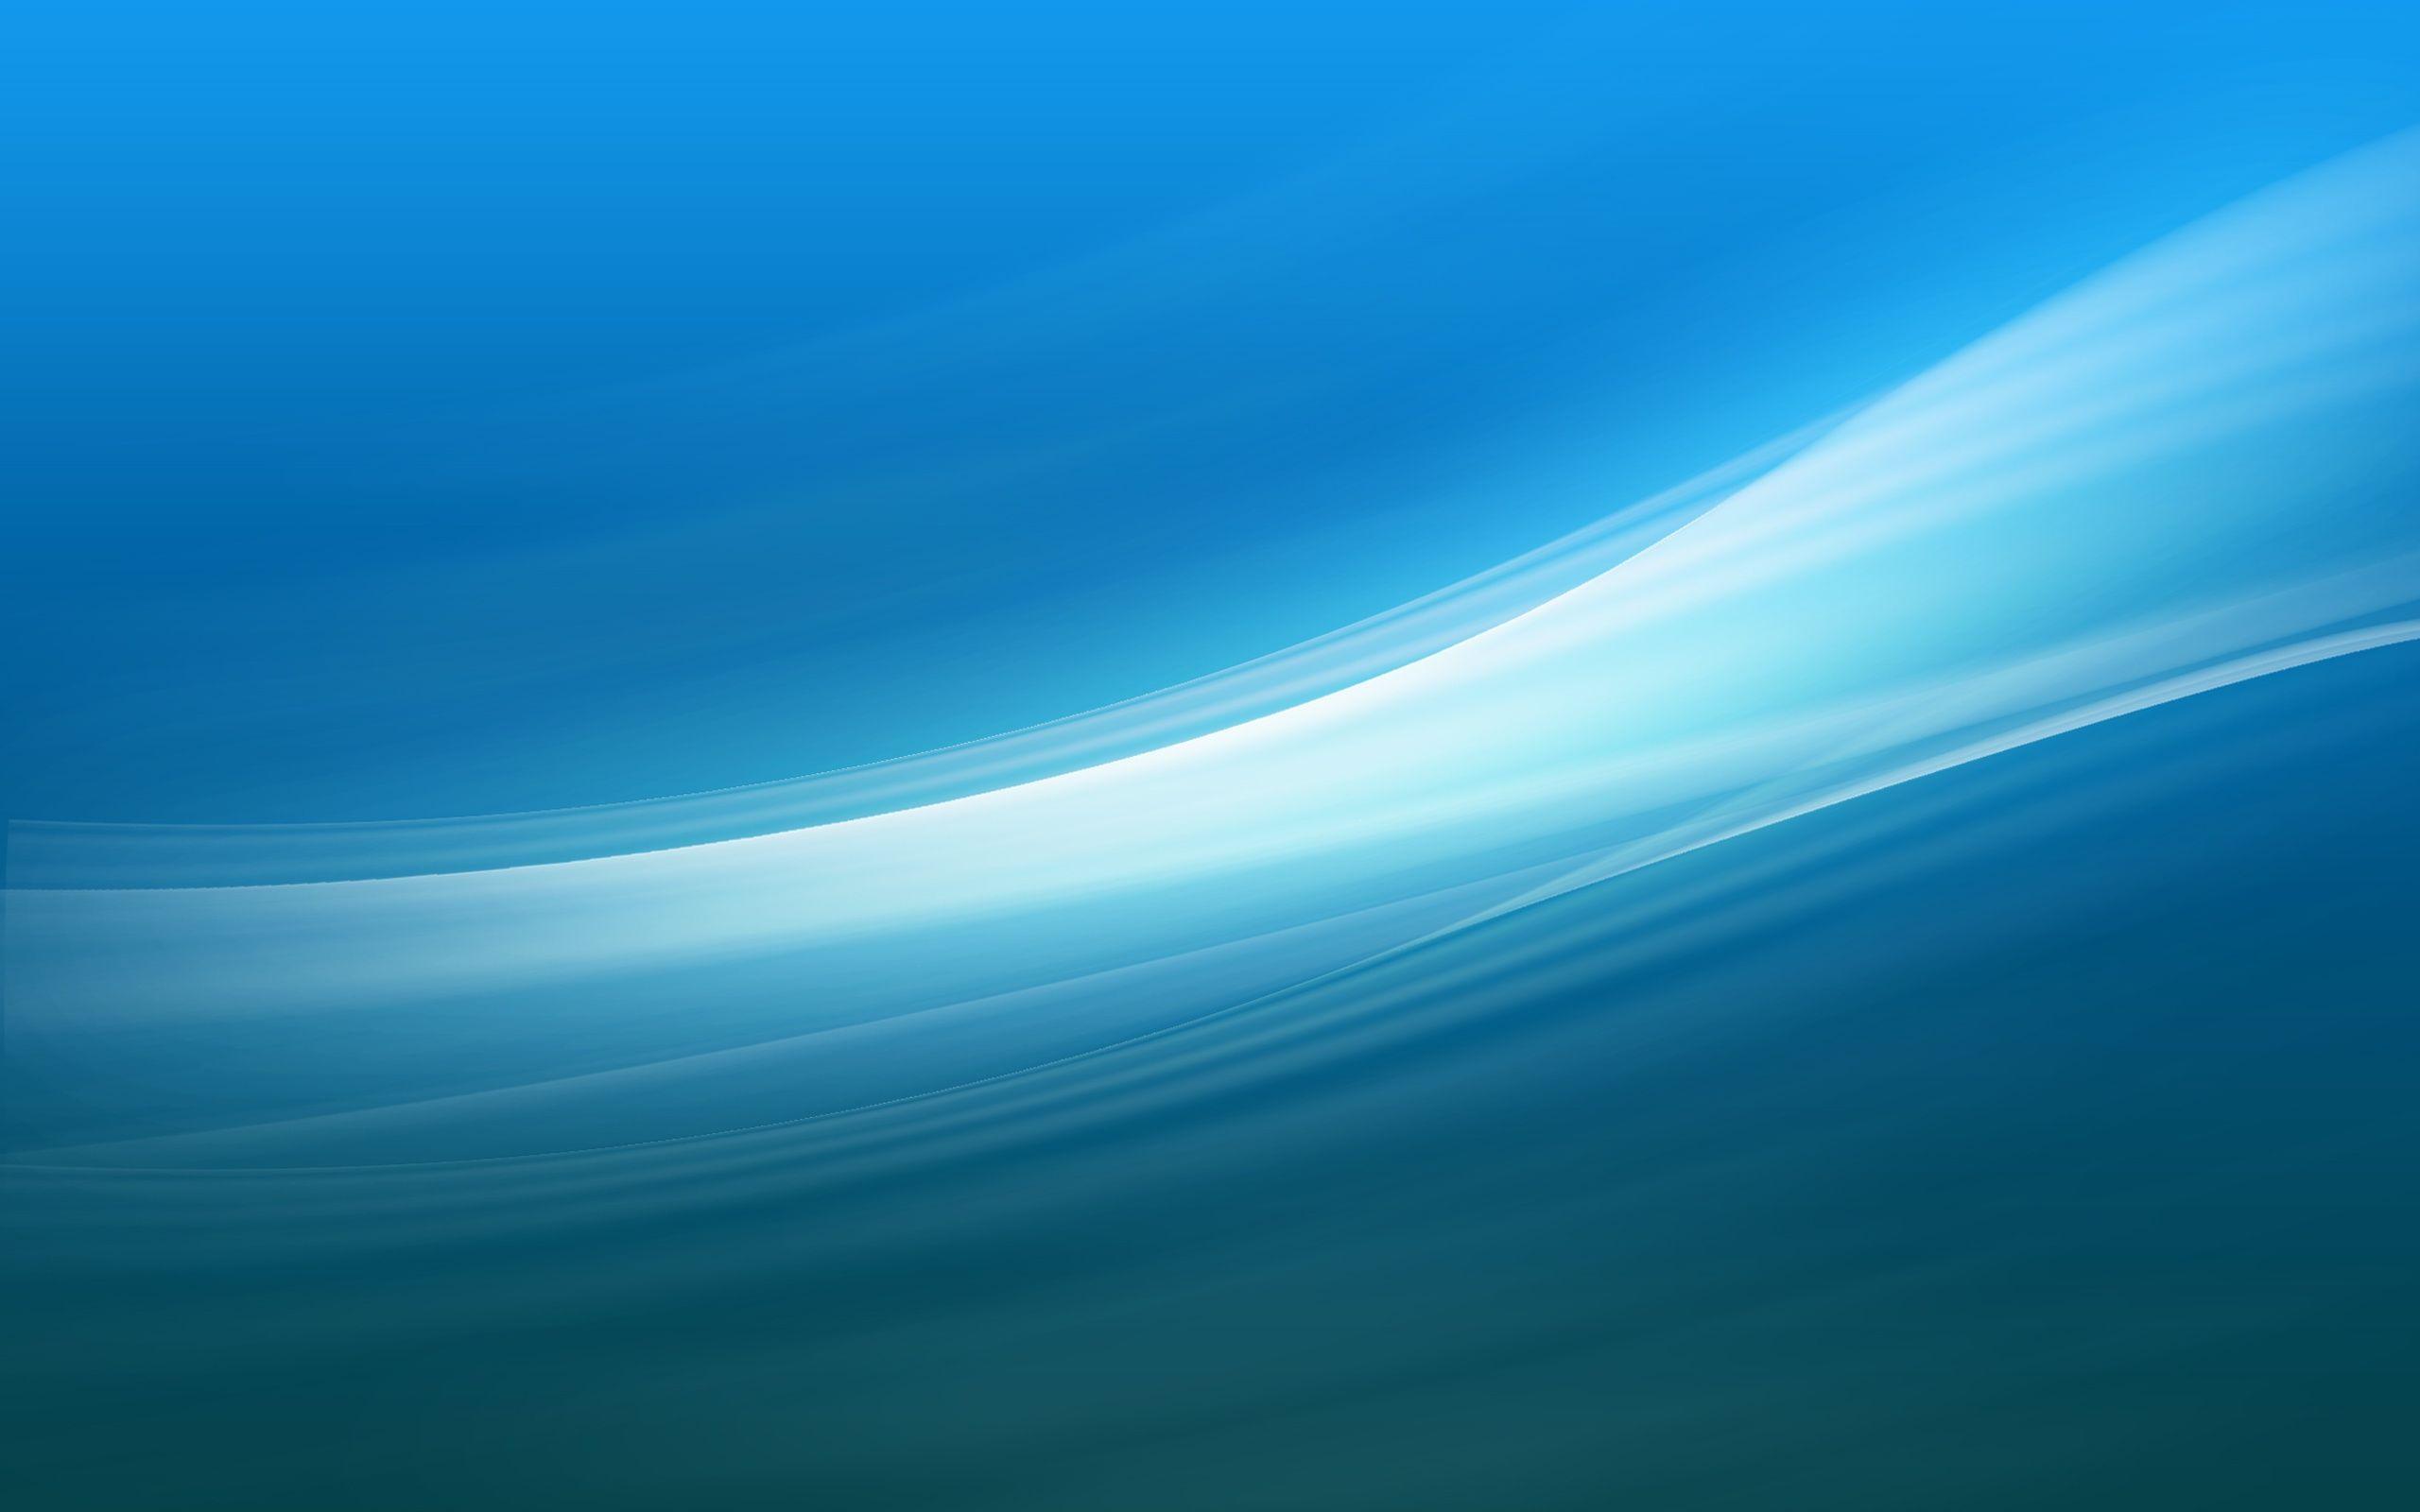 Soft Blue Light Texture Photo And Desktop Wallpaper Waves